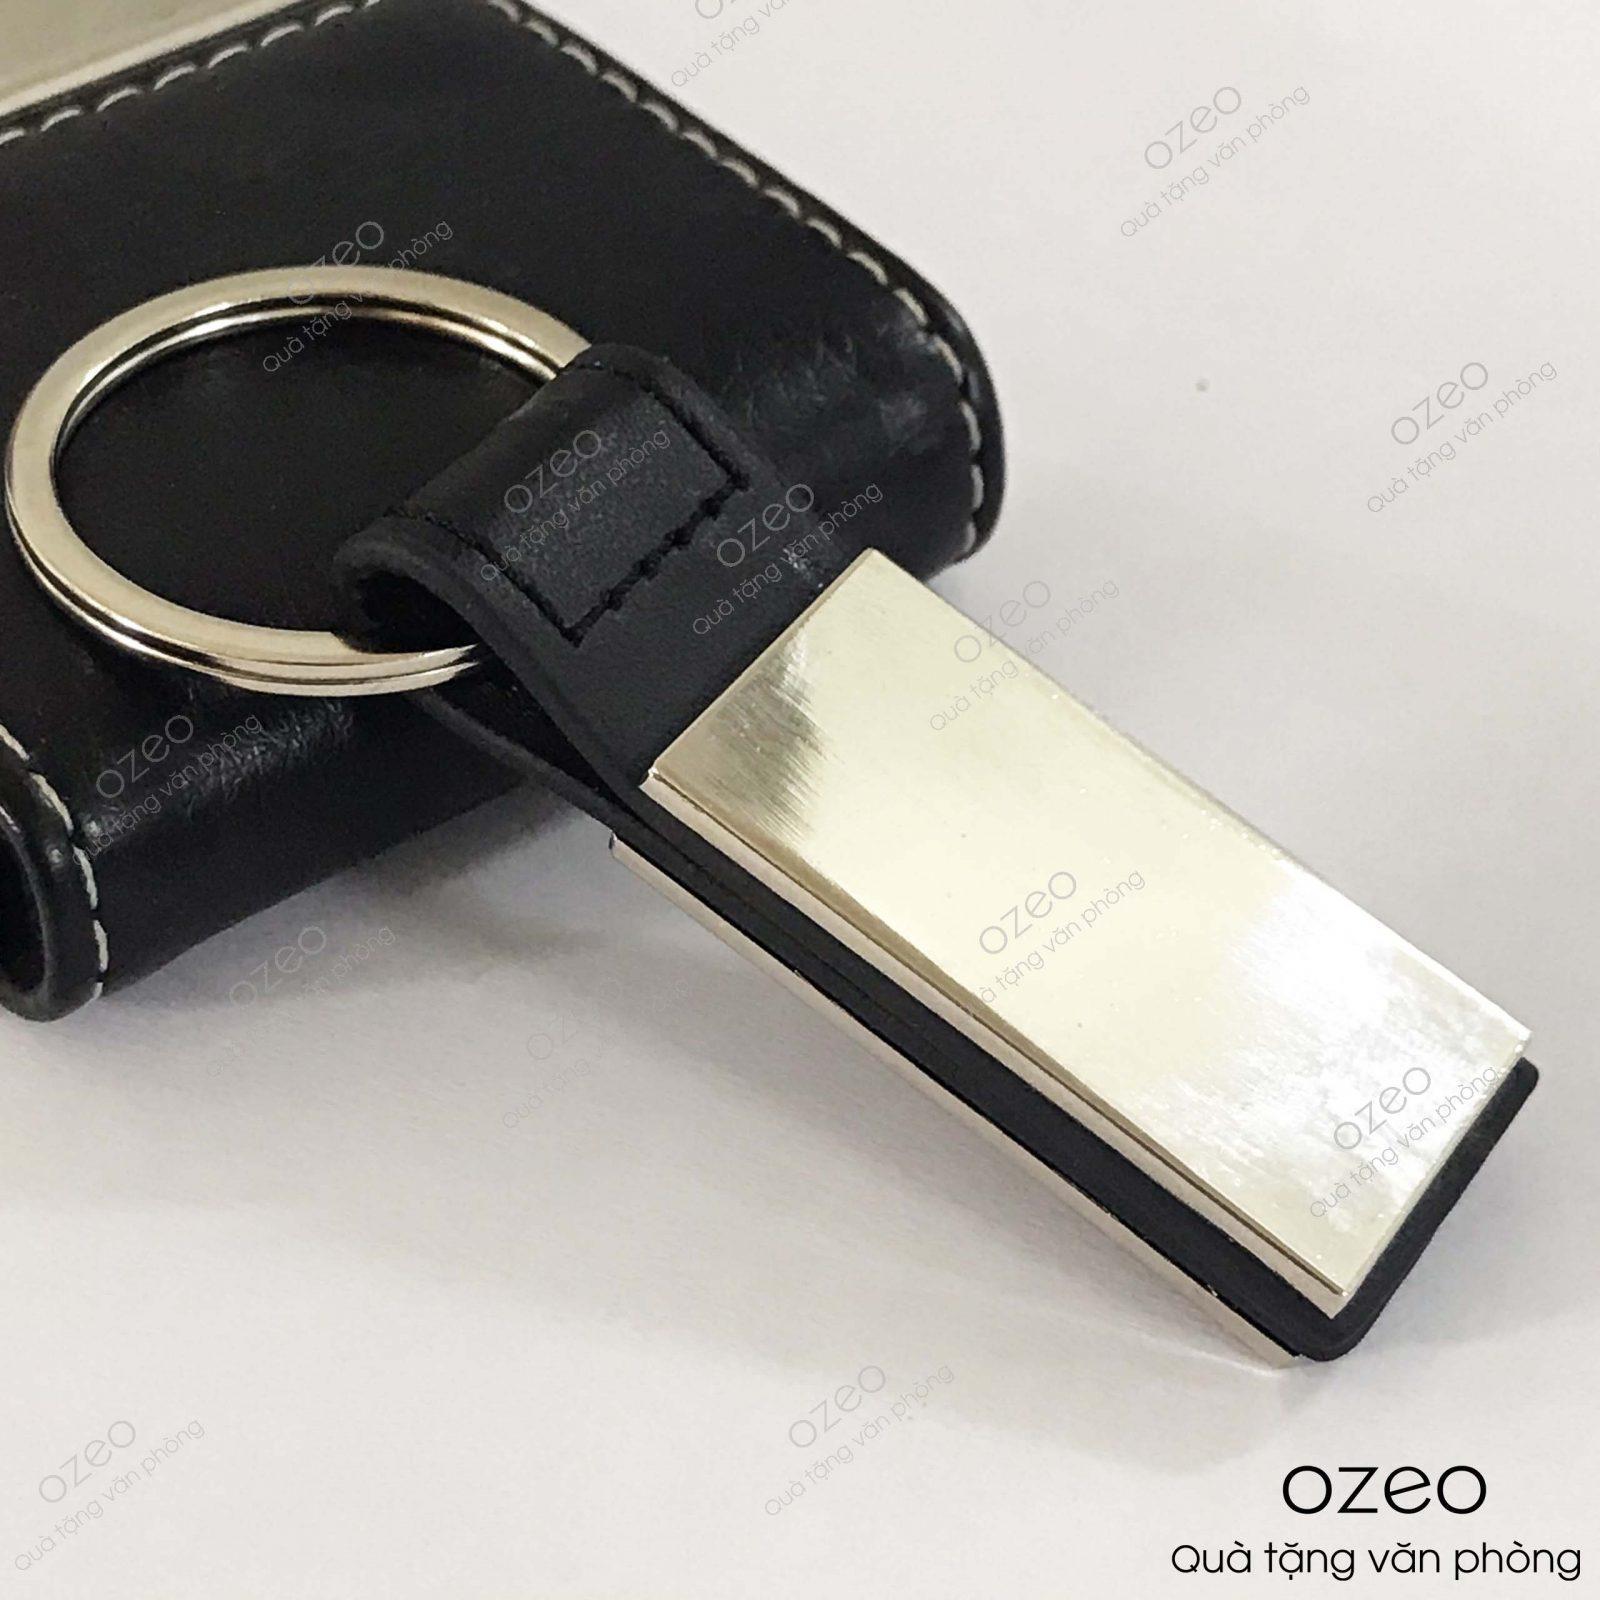 Phần bề mặt móc khóa kim loại dây da MK005khắc tên, khắc logo theo yêu cầu của khách hàng.